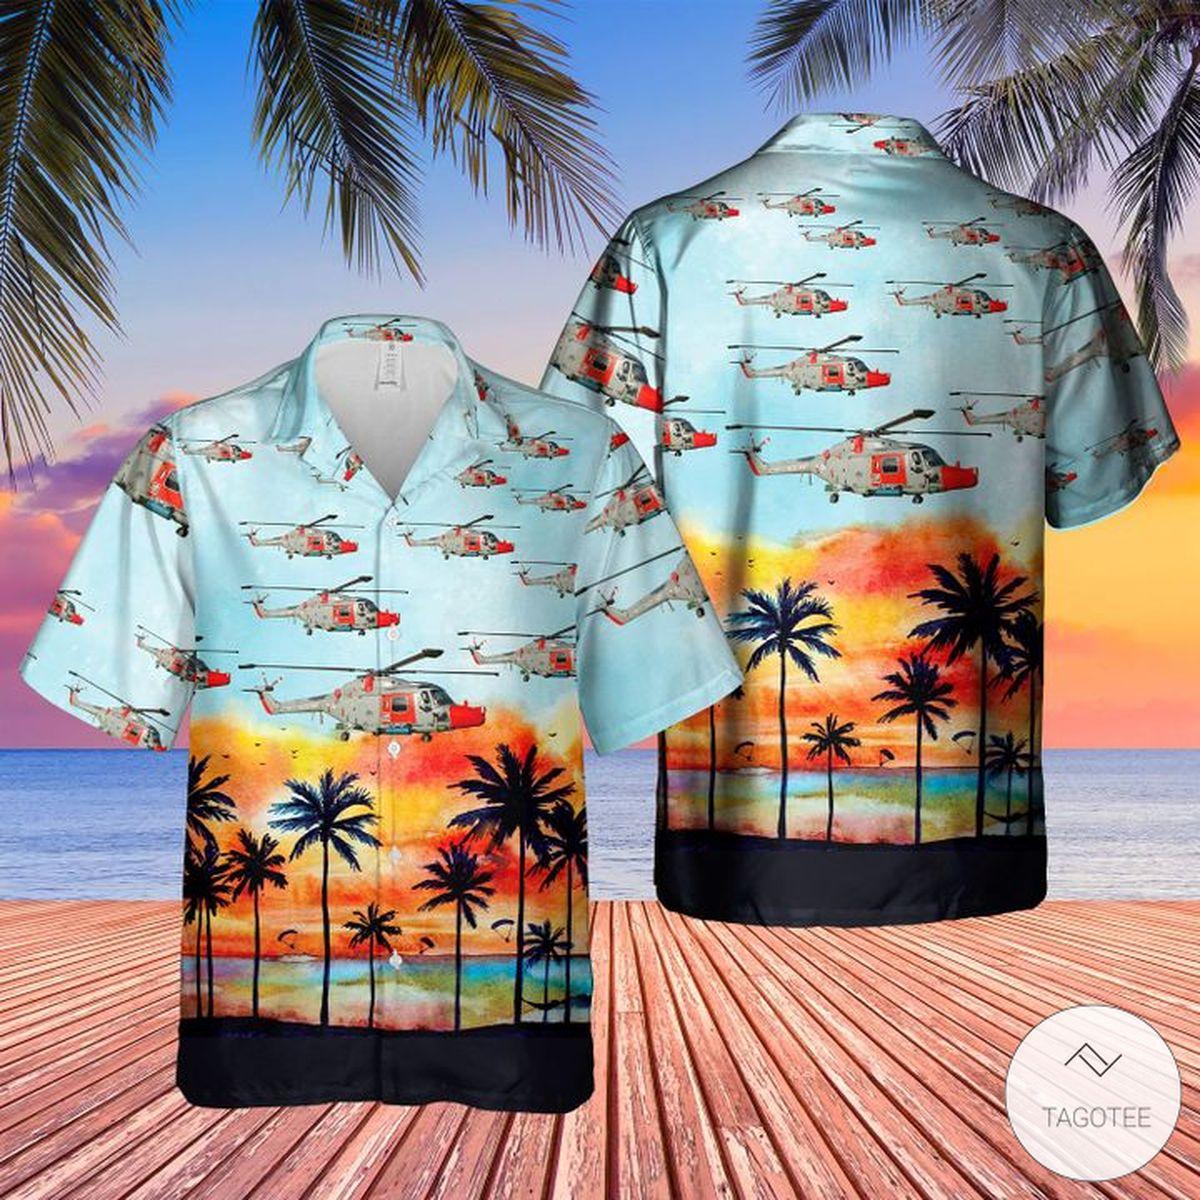 Royal Navy Lynx Has.3S Hawaiian Shirt, Beach Shorts